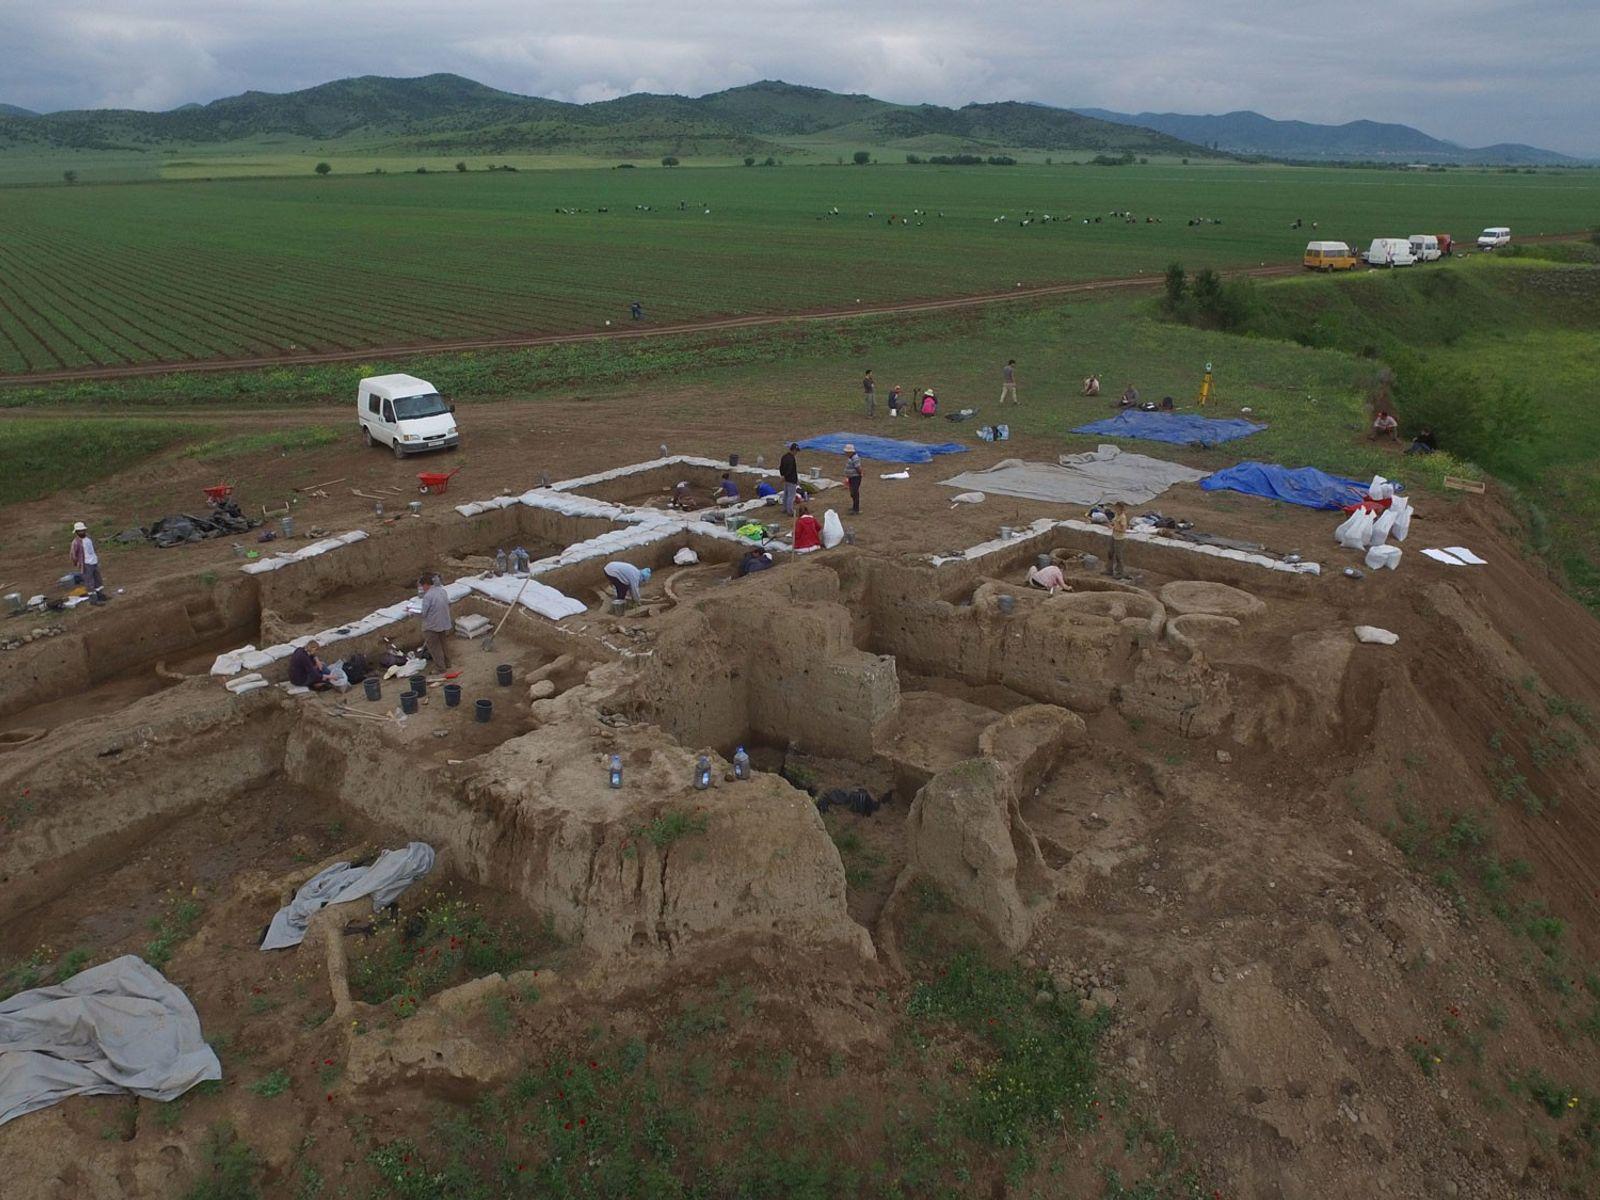 Archäologen fanden bei der Ausgrabung dieses steinzeitlichen Dorfes in Georgien Fragmente von Tongefäßen mit Rückständen des ...